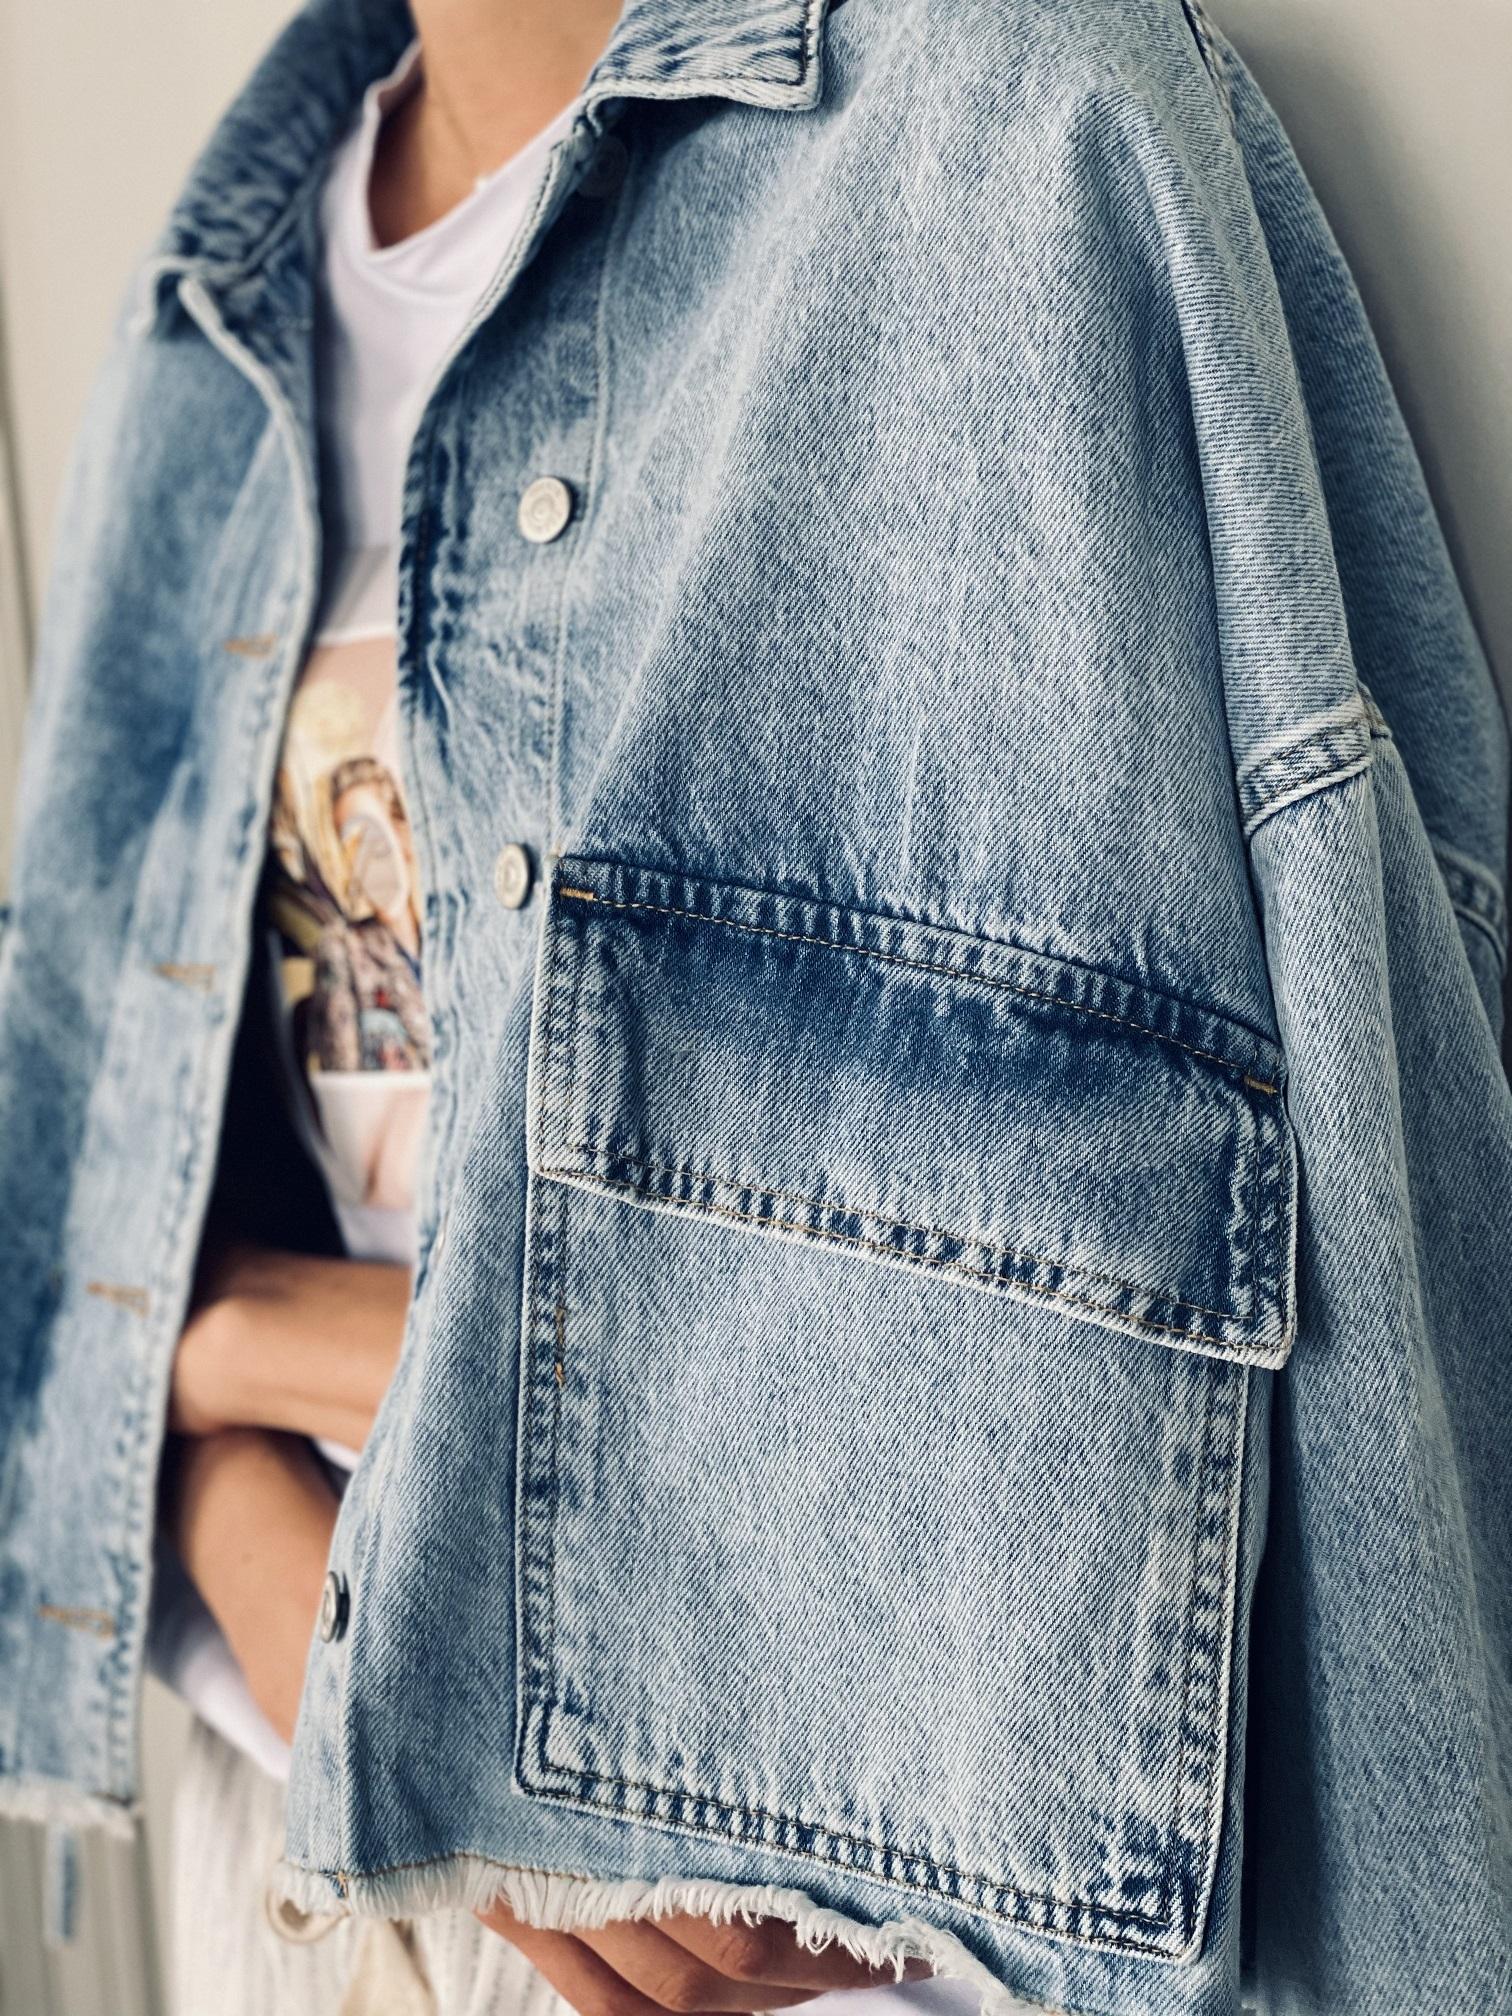 Джинсовая куртка, UNO, Freedom (небесный)